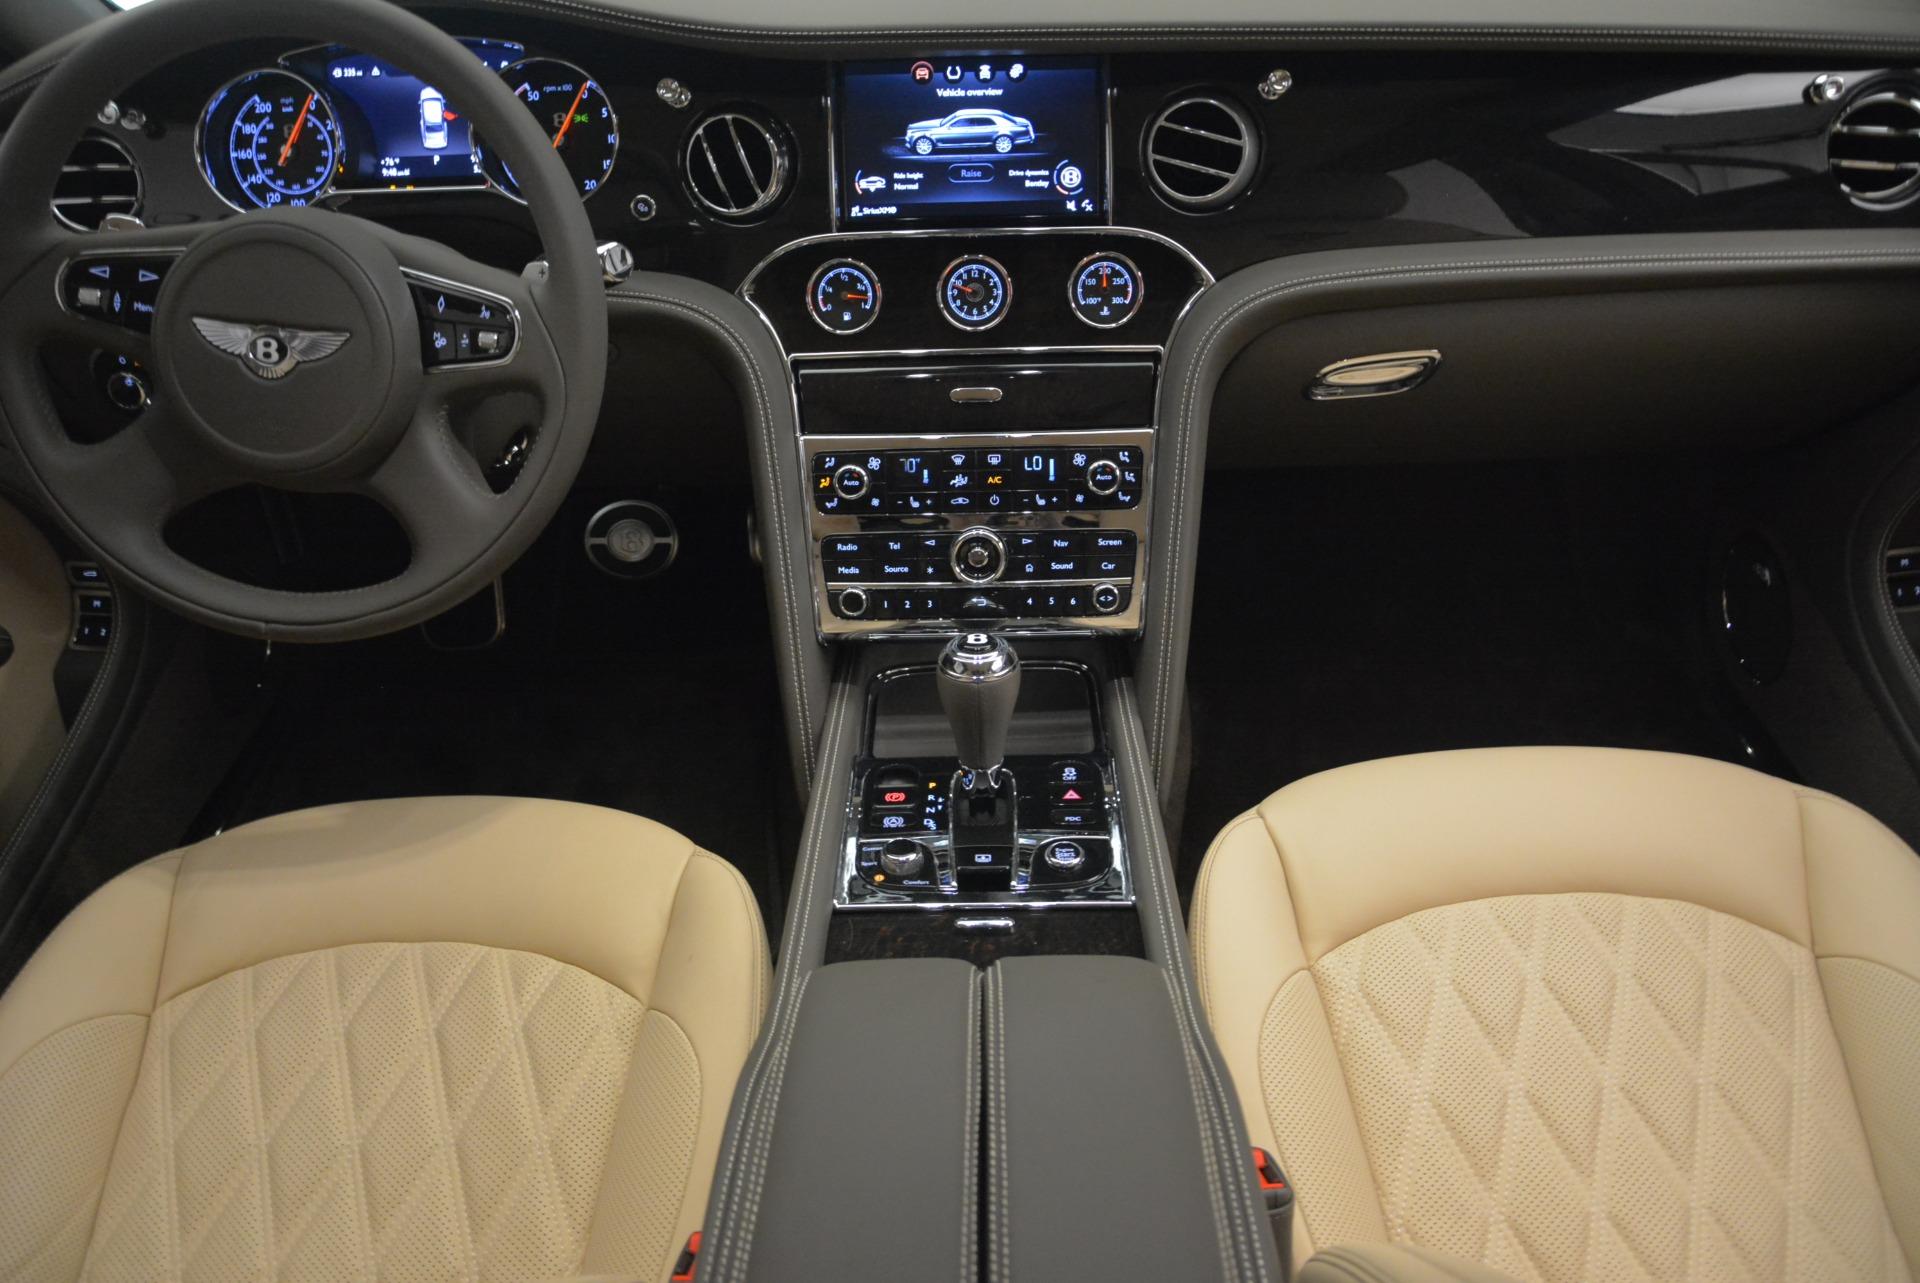 Used 2017 Bentley Mulsanne EWB For Sale In Westport, CT 1554_p15